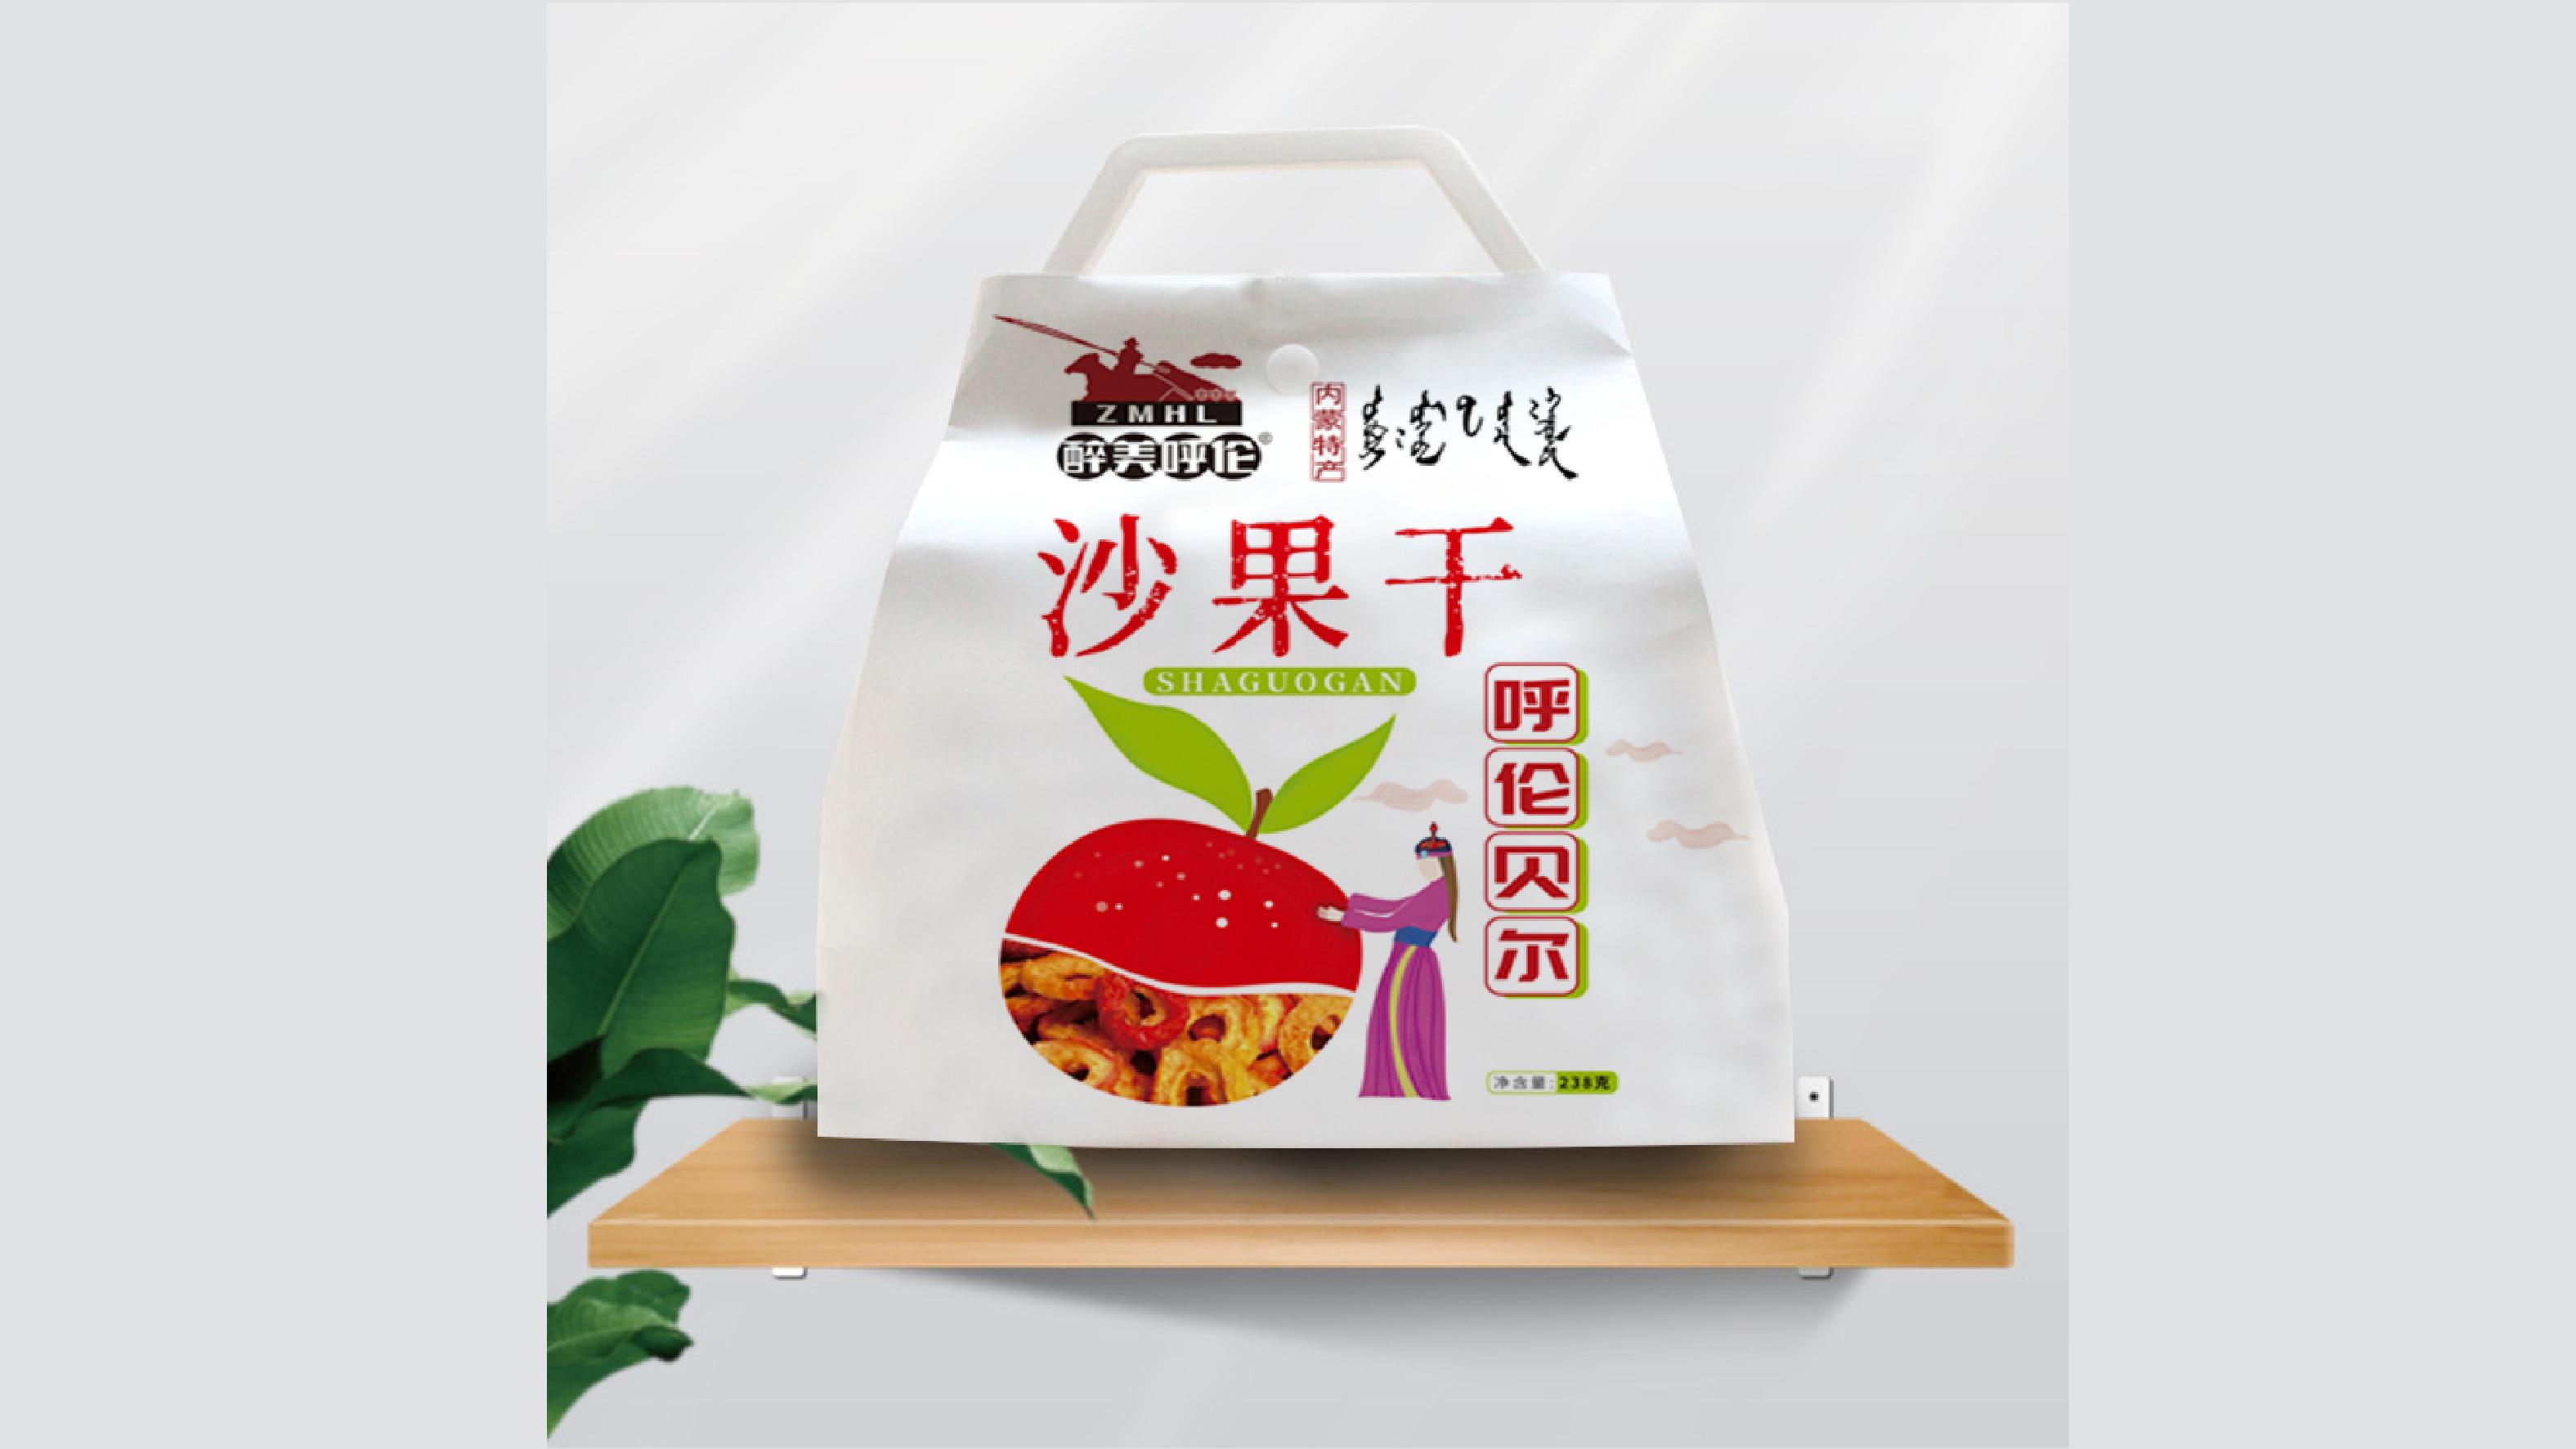 醉美呼伦零食蜜饯品牌包装设计